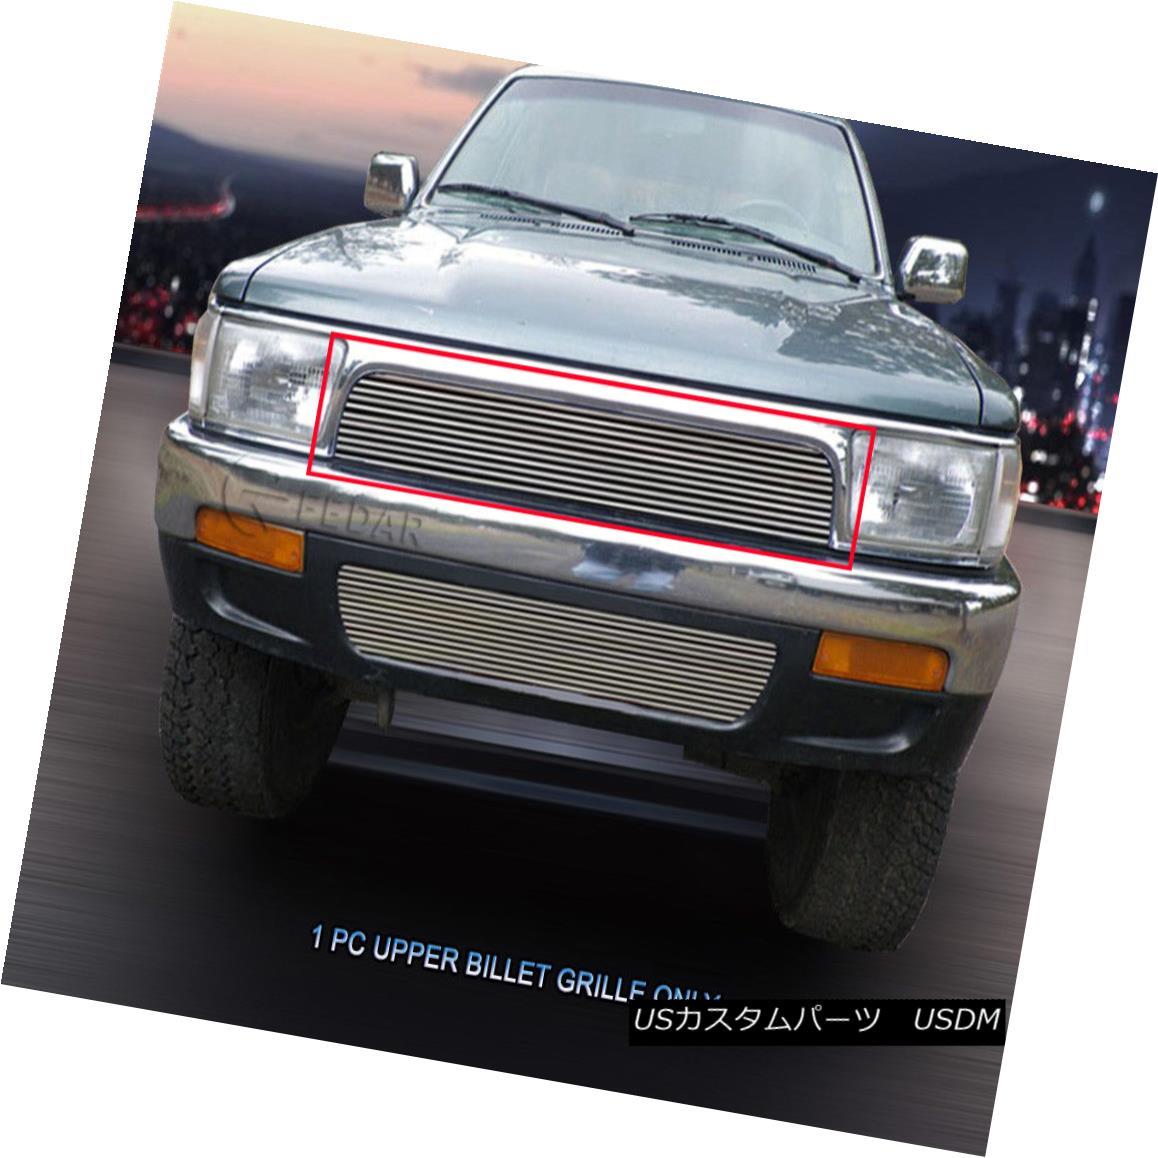 グリル For 1992-1995 Toyota 4Runner Replacement Billet Grille Upper Grill Insert Fedar 1992-1995 Toyota 4Runner ReplacementビレットグリルアッパーグリルインサートFedar